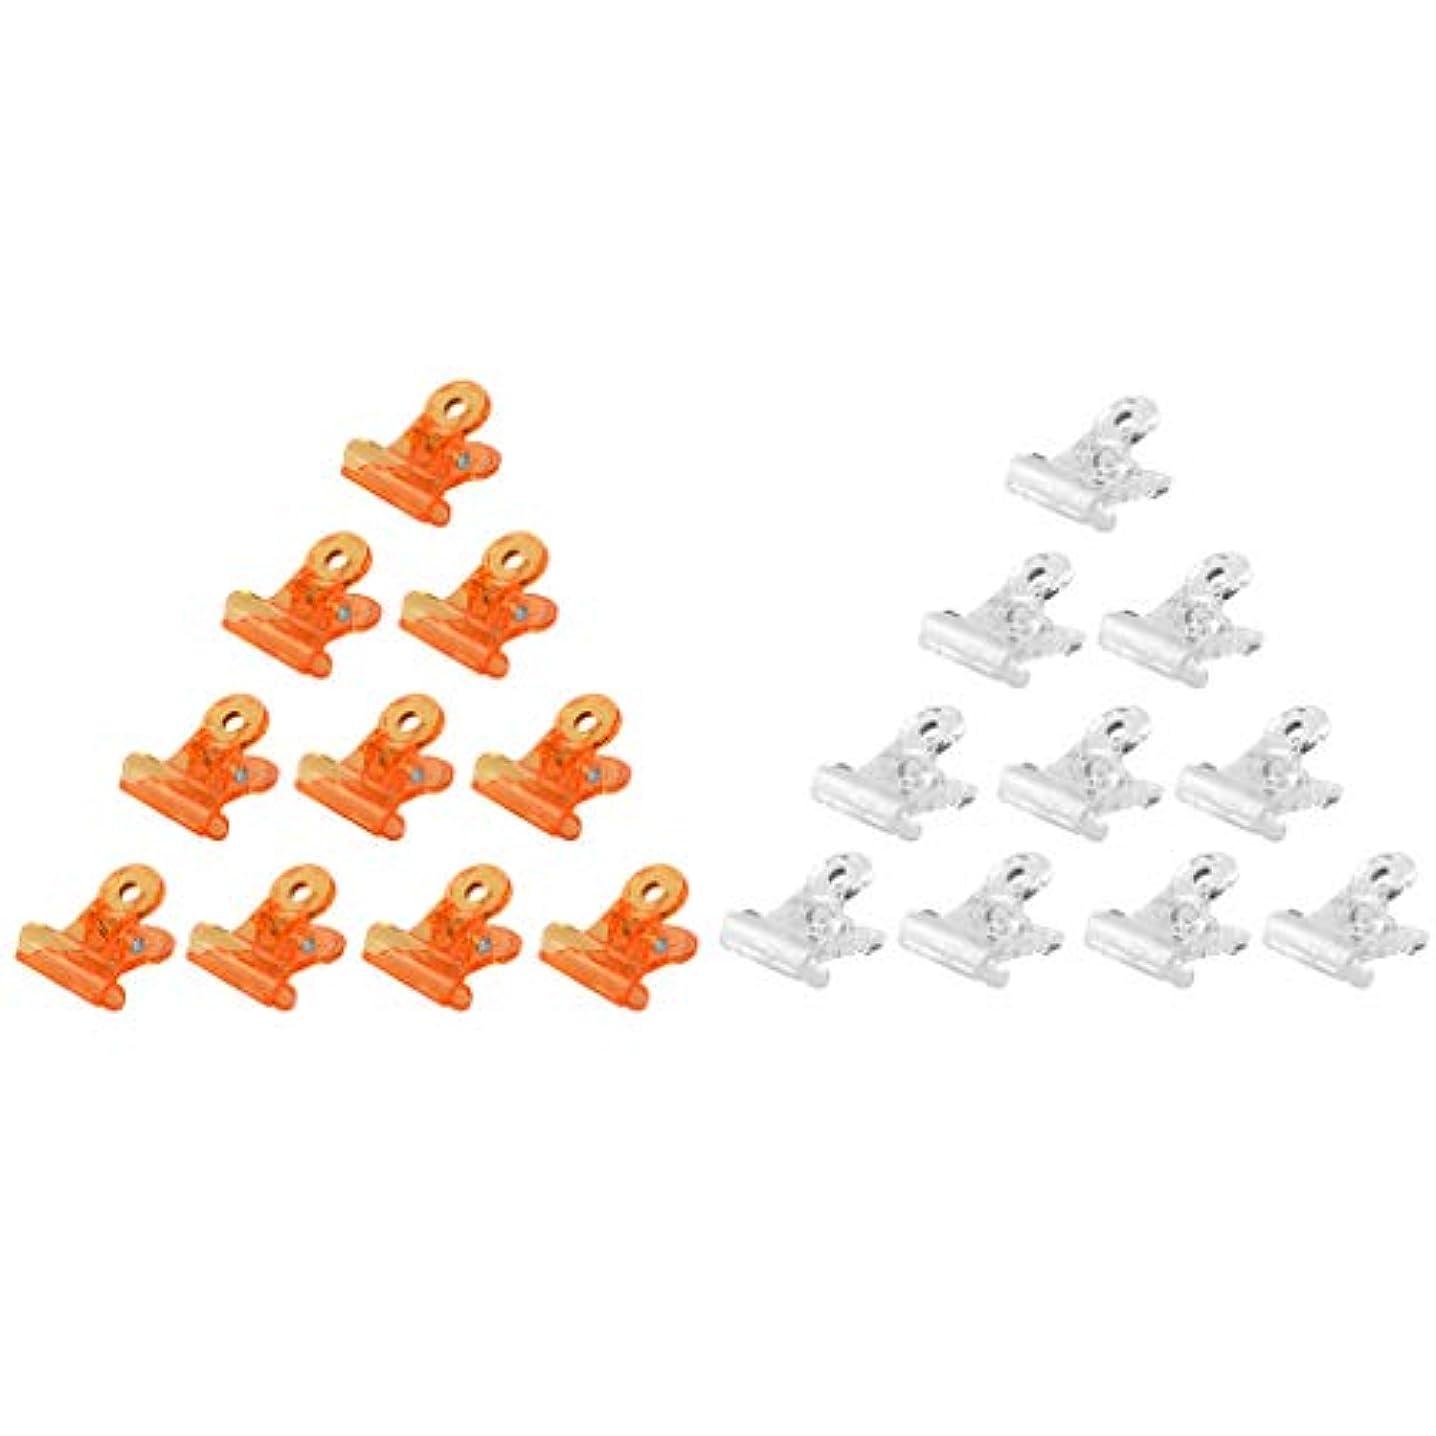 栄光何もないダルセットT TOOYFUL ネイルポリッシュ リムーバークリップ アクリル ネイルクリップ ネイルケアツール 全3種 - オレンジ+クリア